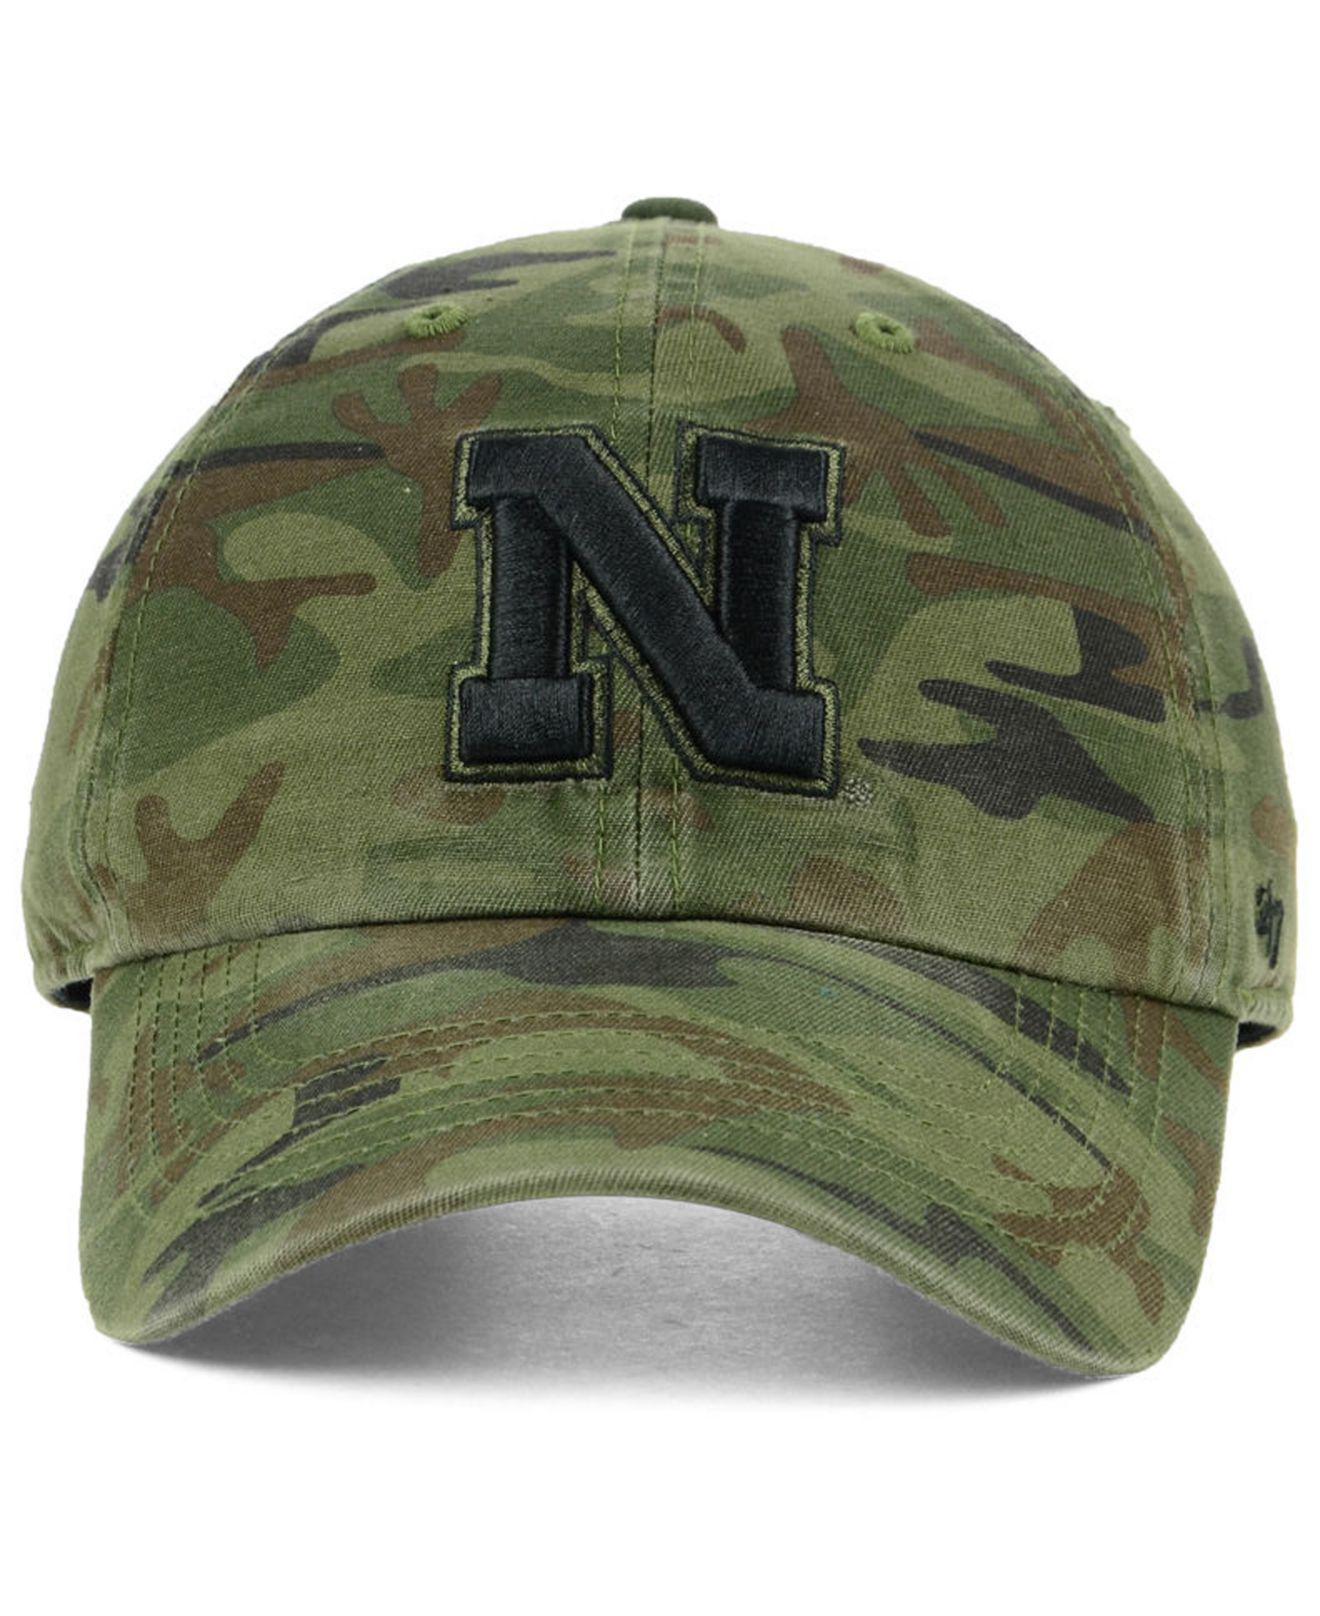 98ee6423303 ... best price lyst 47 brand nebraska cornhuskers regiment clean up  strapback cap in green for men